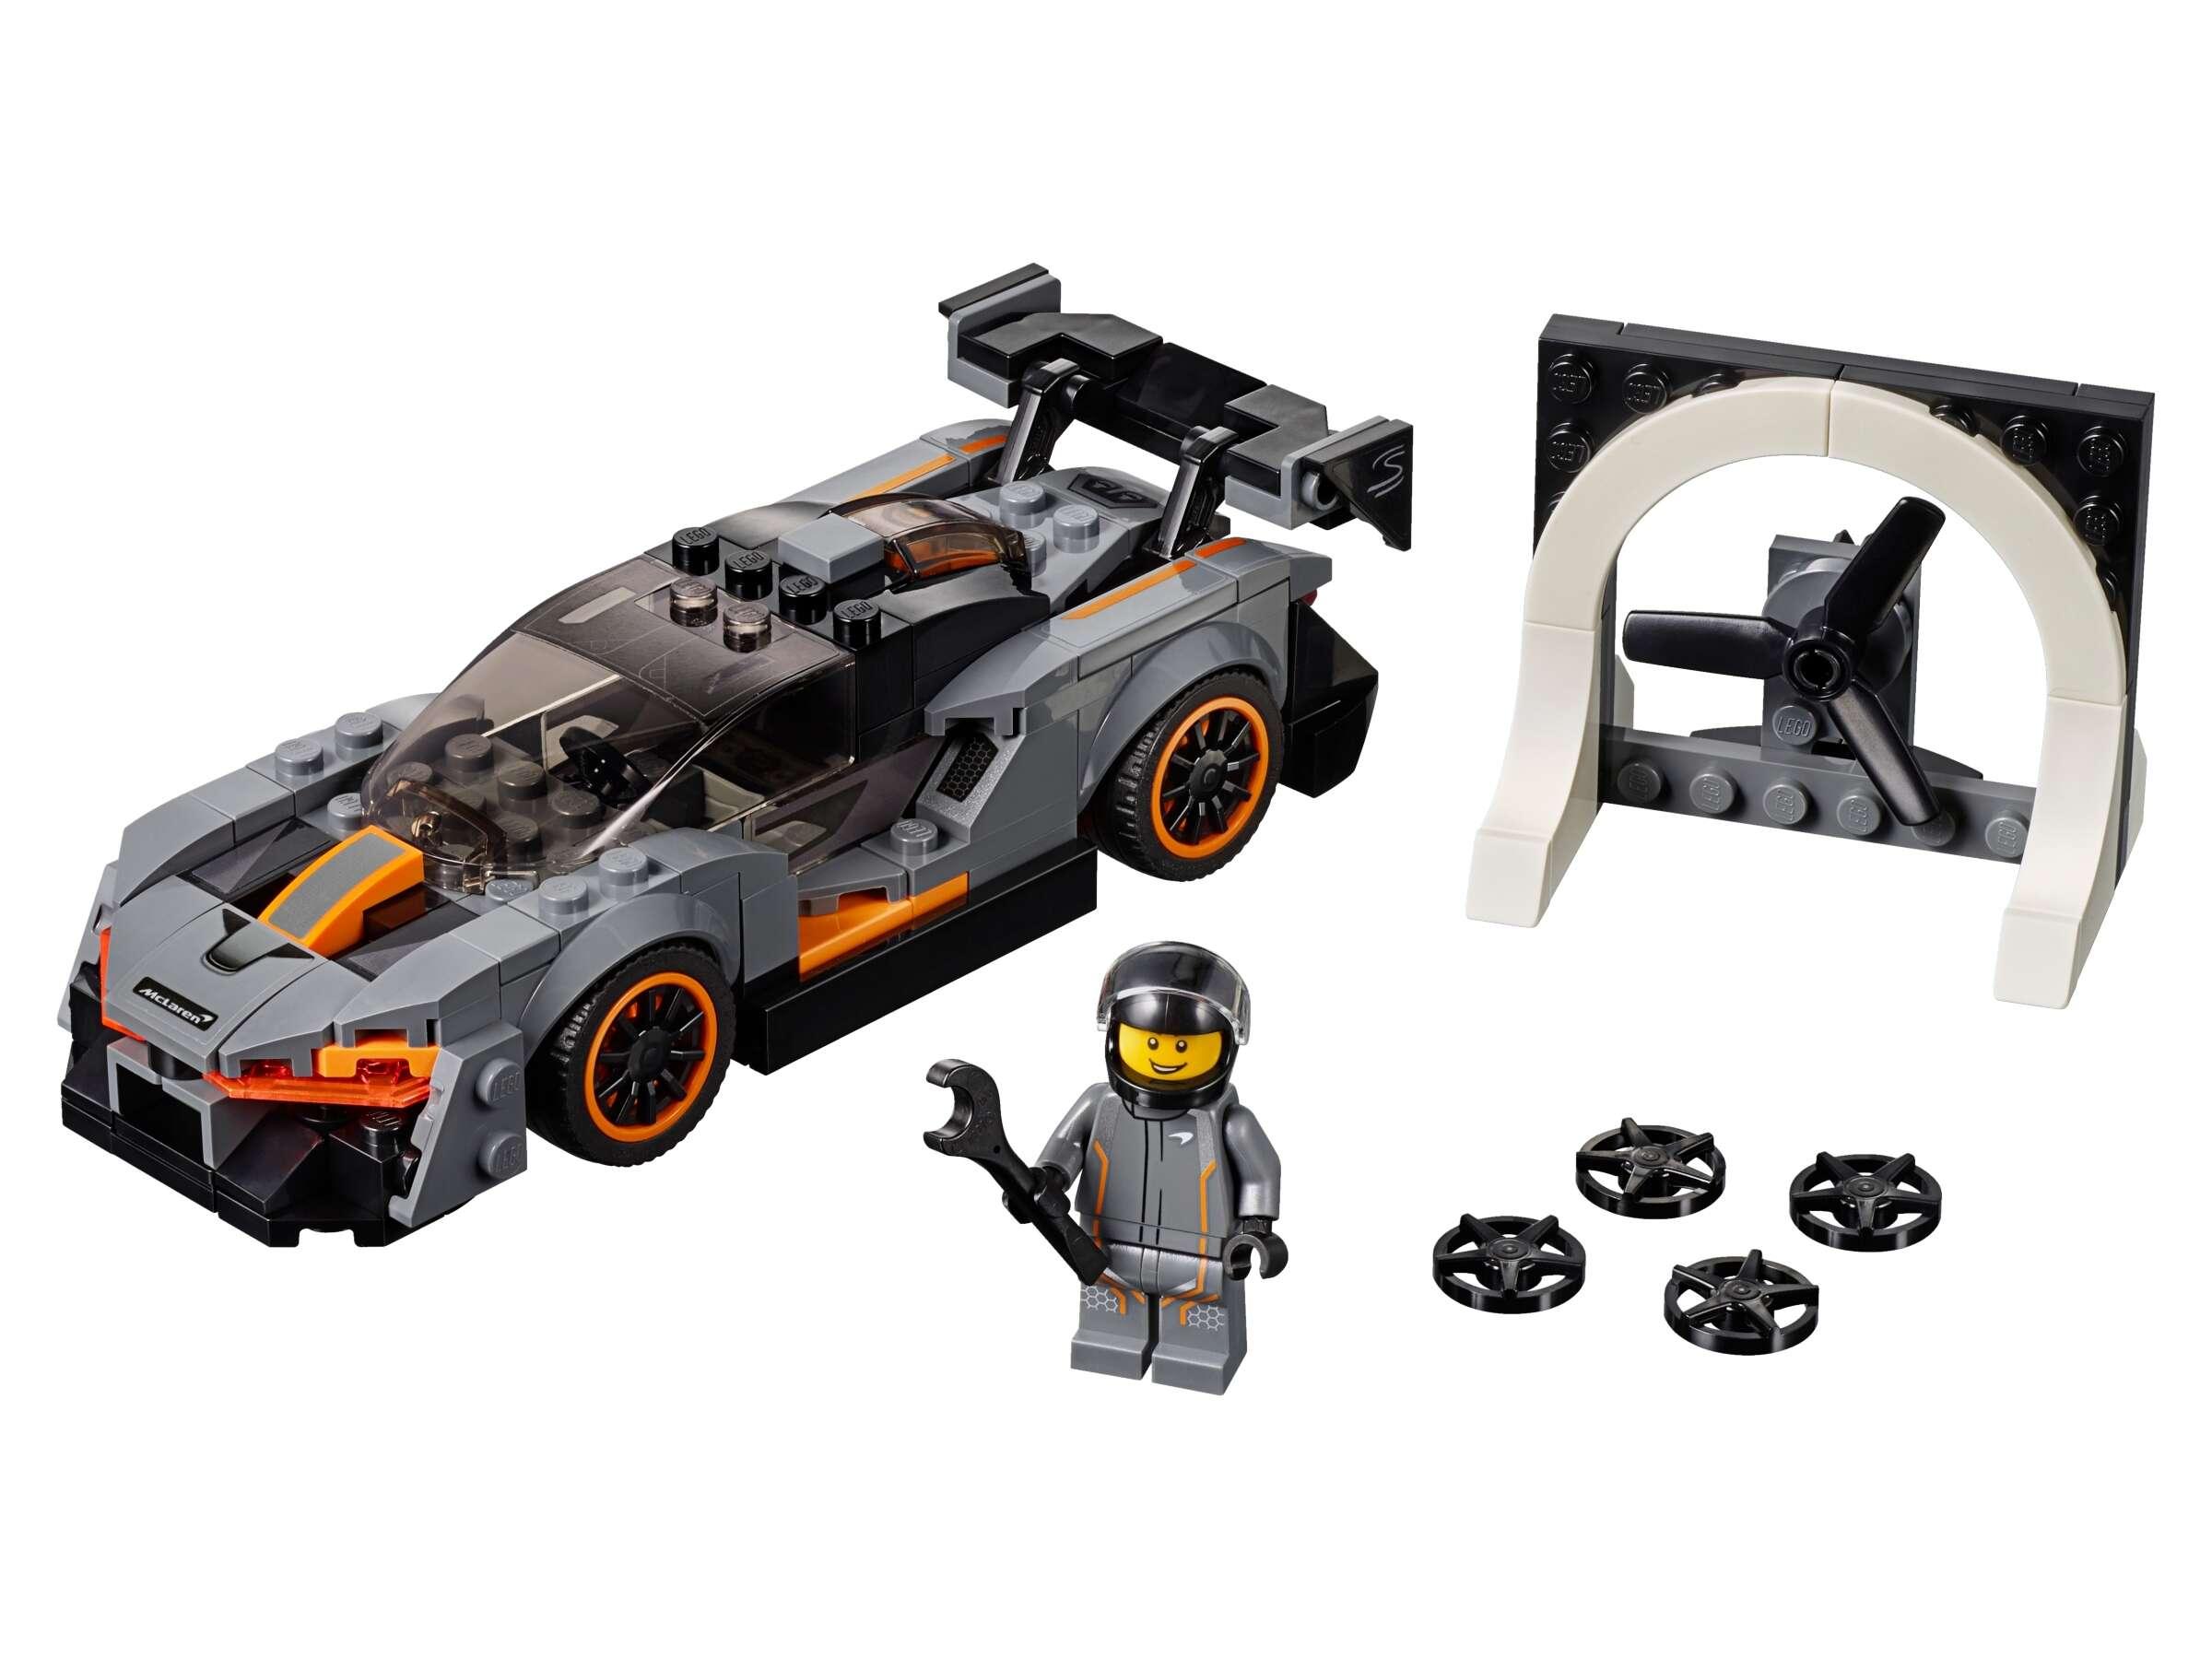 LEGO 75892 Speed Champions McLaren Senna Rennwagen + Rennfahrer-Minifigur